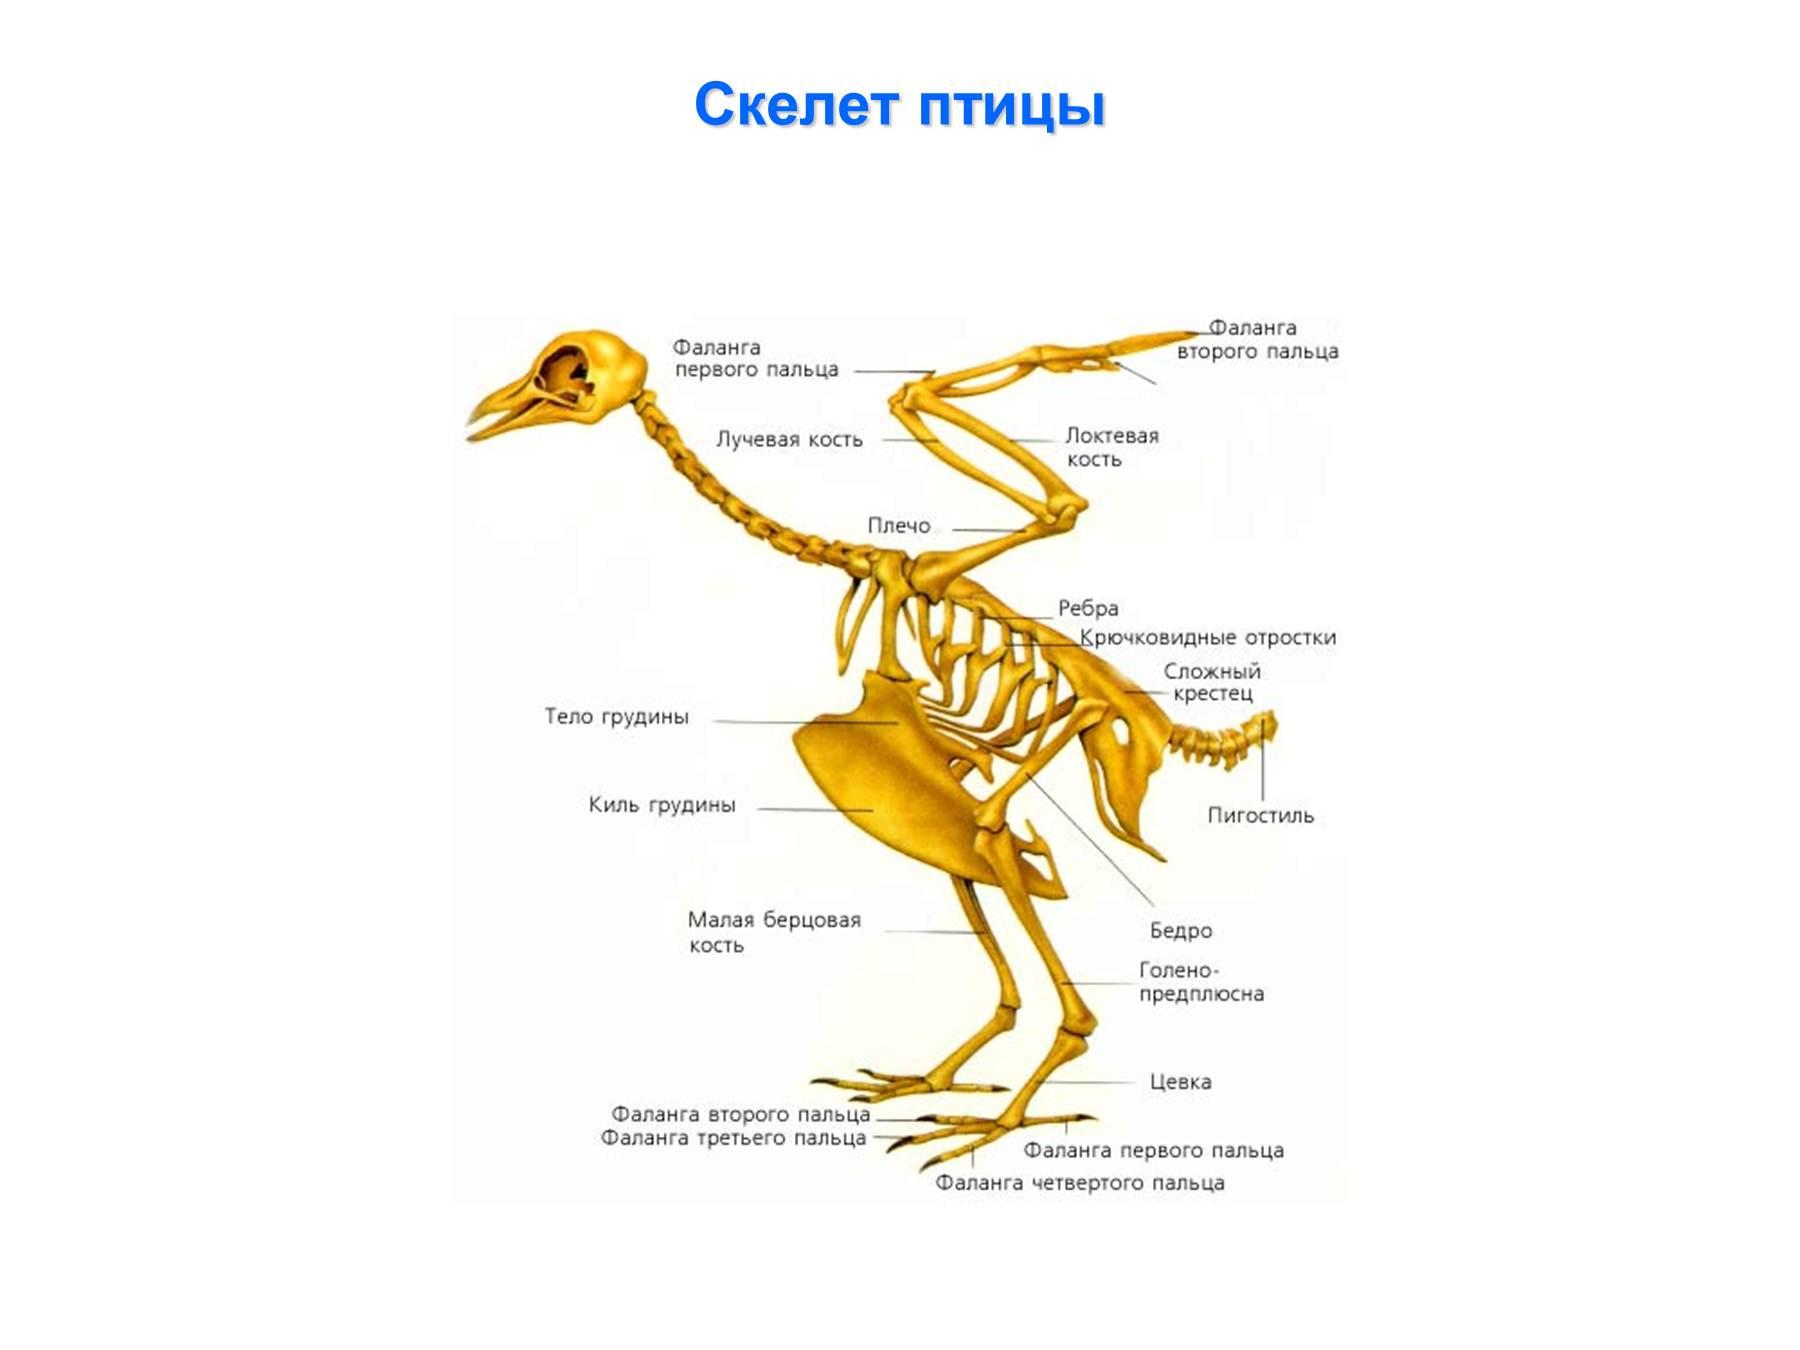 Картинка скелет птицы